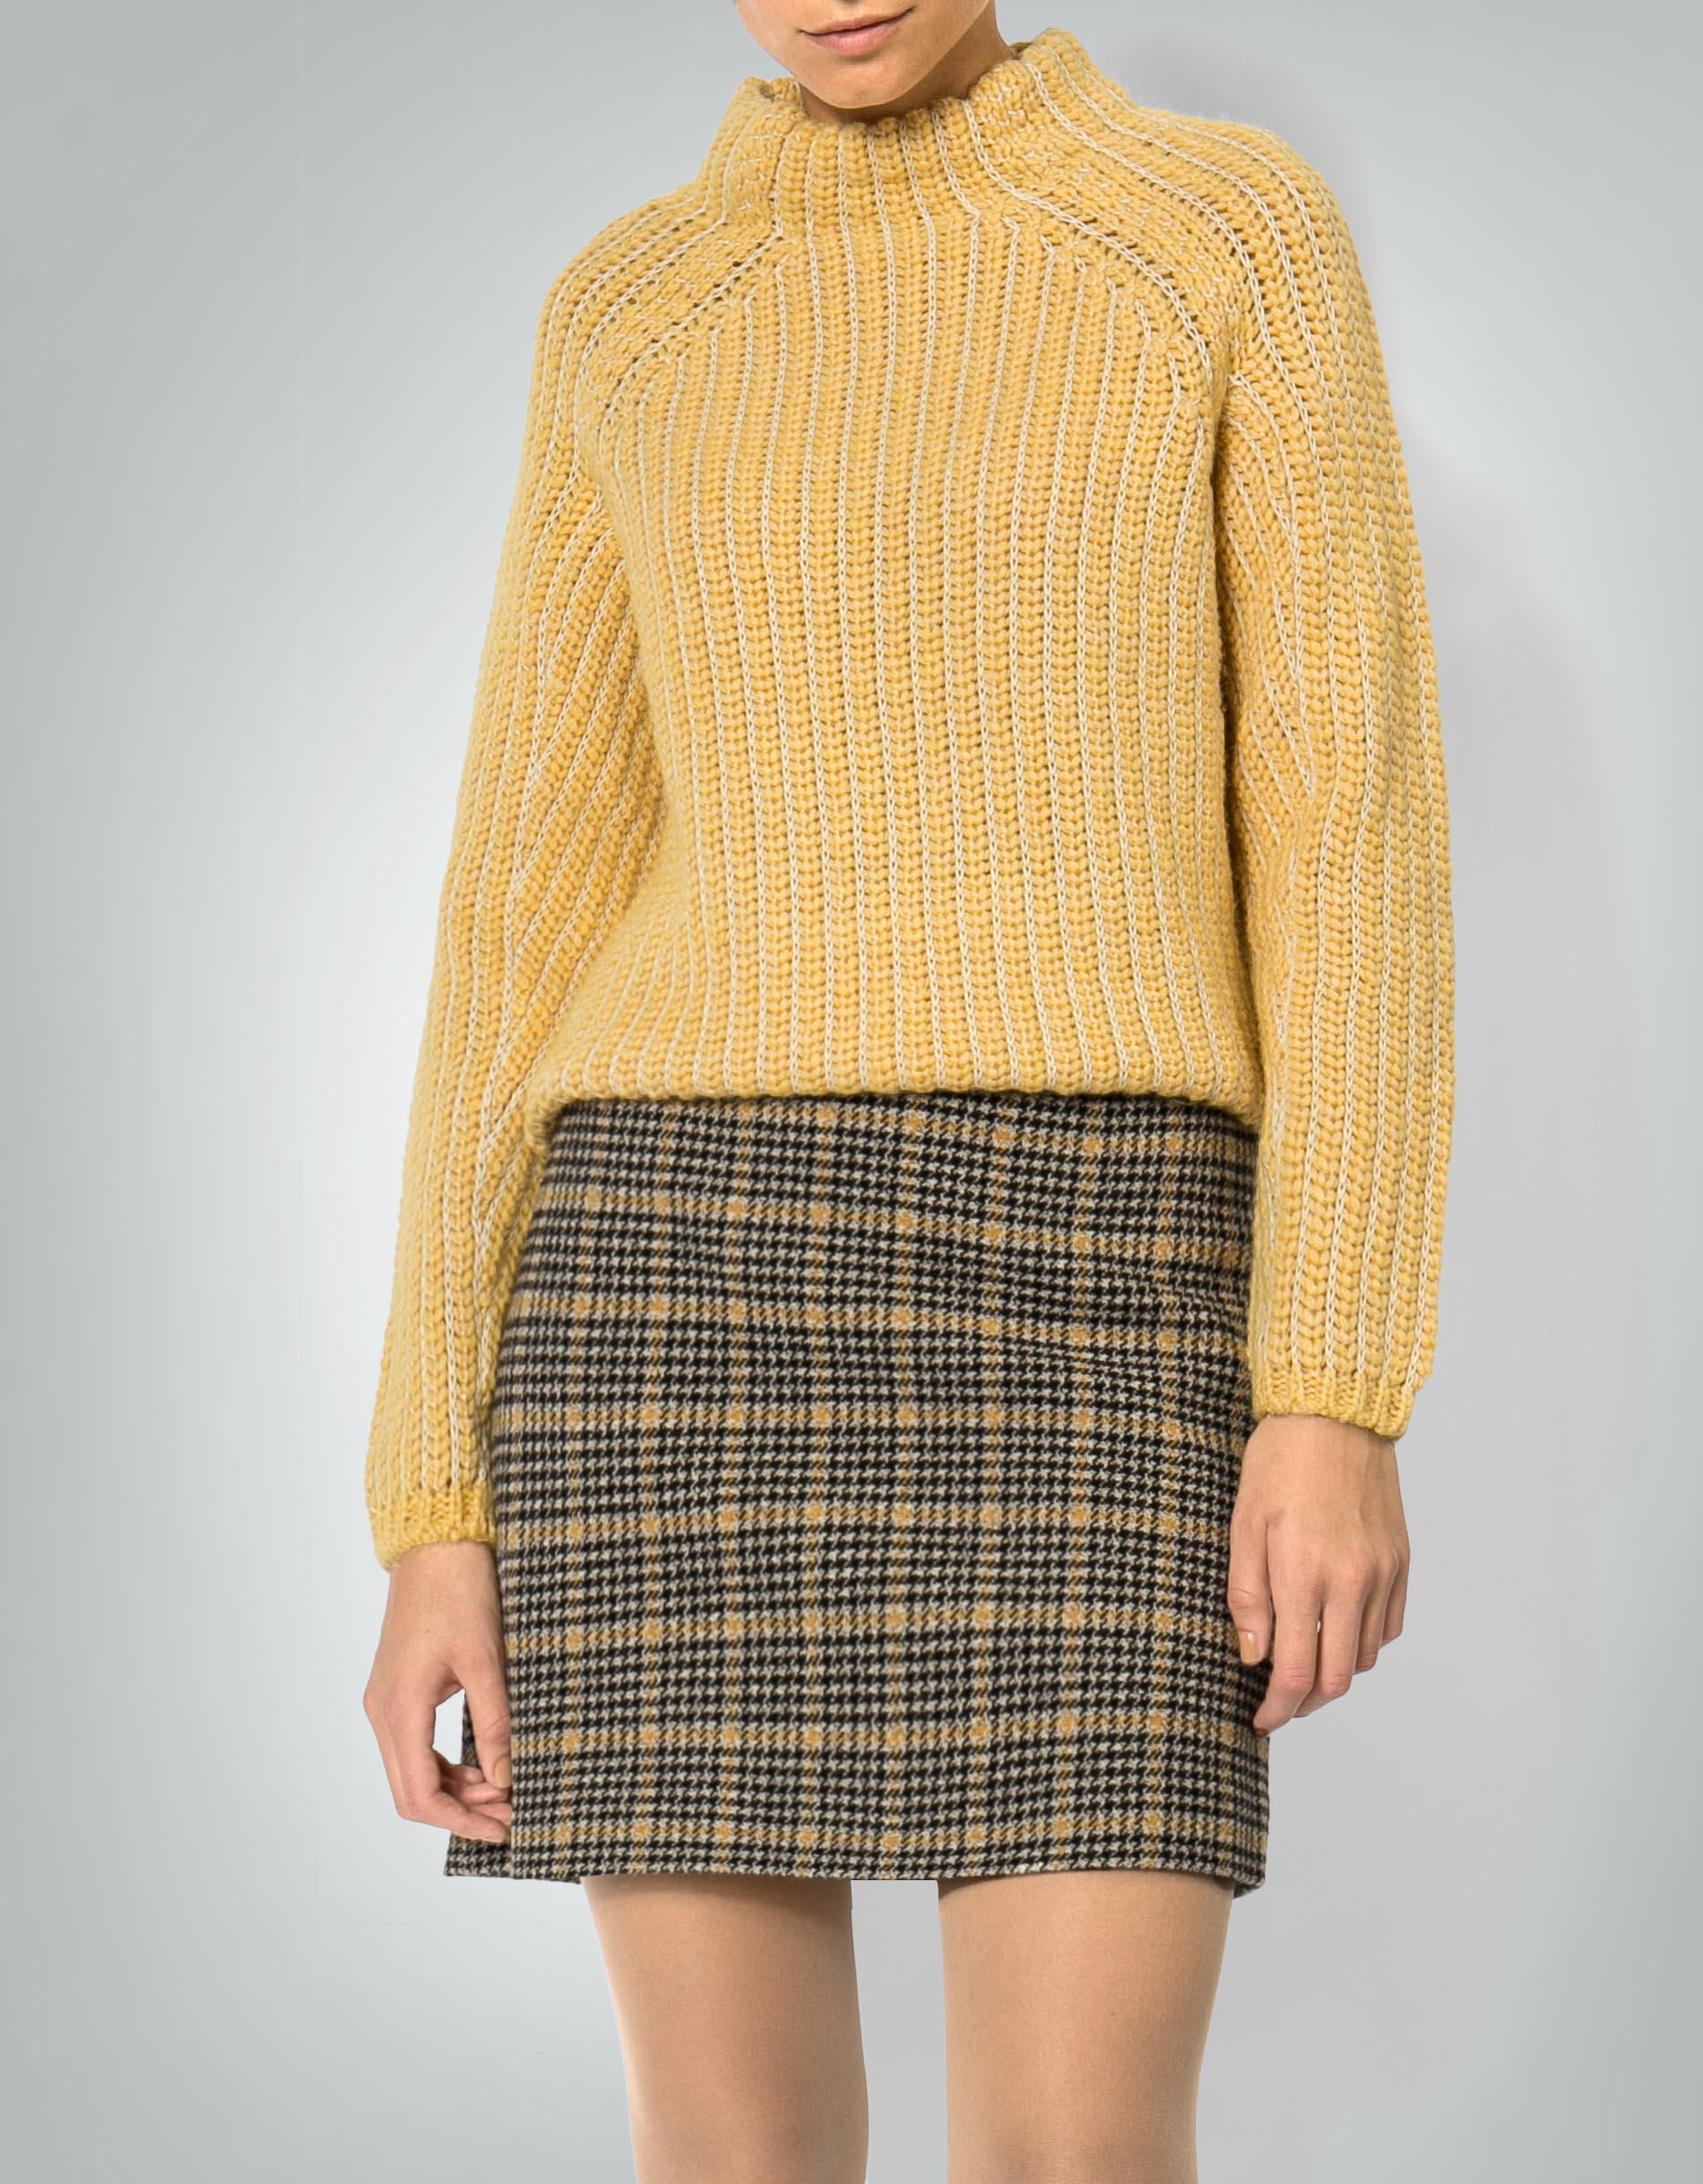 bester Lieferant verschiedene Farben Markenqualität Marc O'Polo Damen Pullover Strick mit Raglanärmeln empfohlen ...